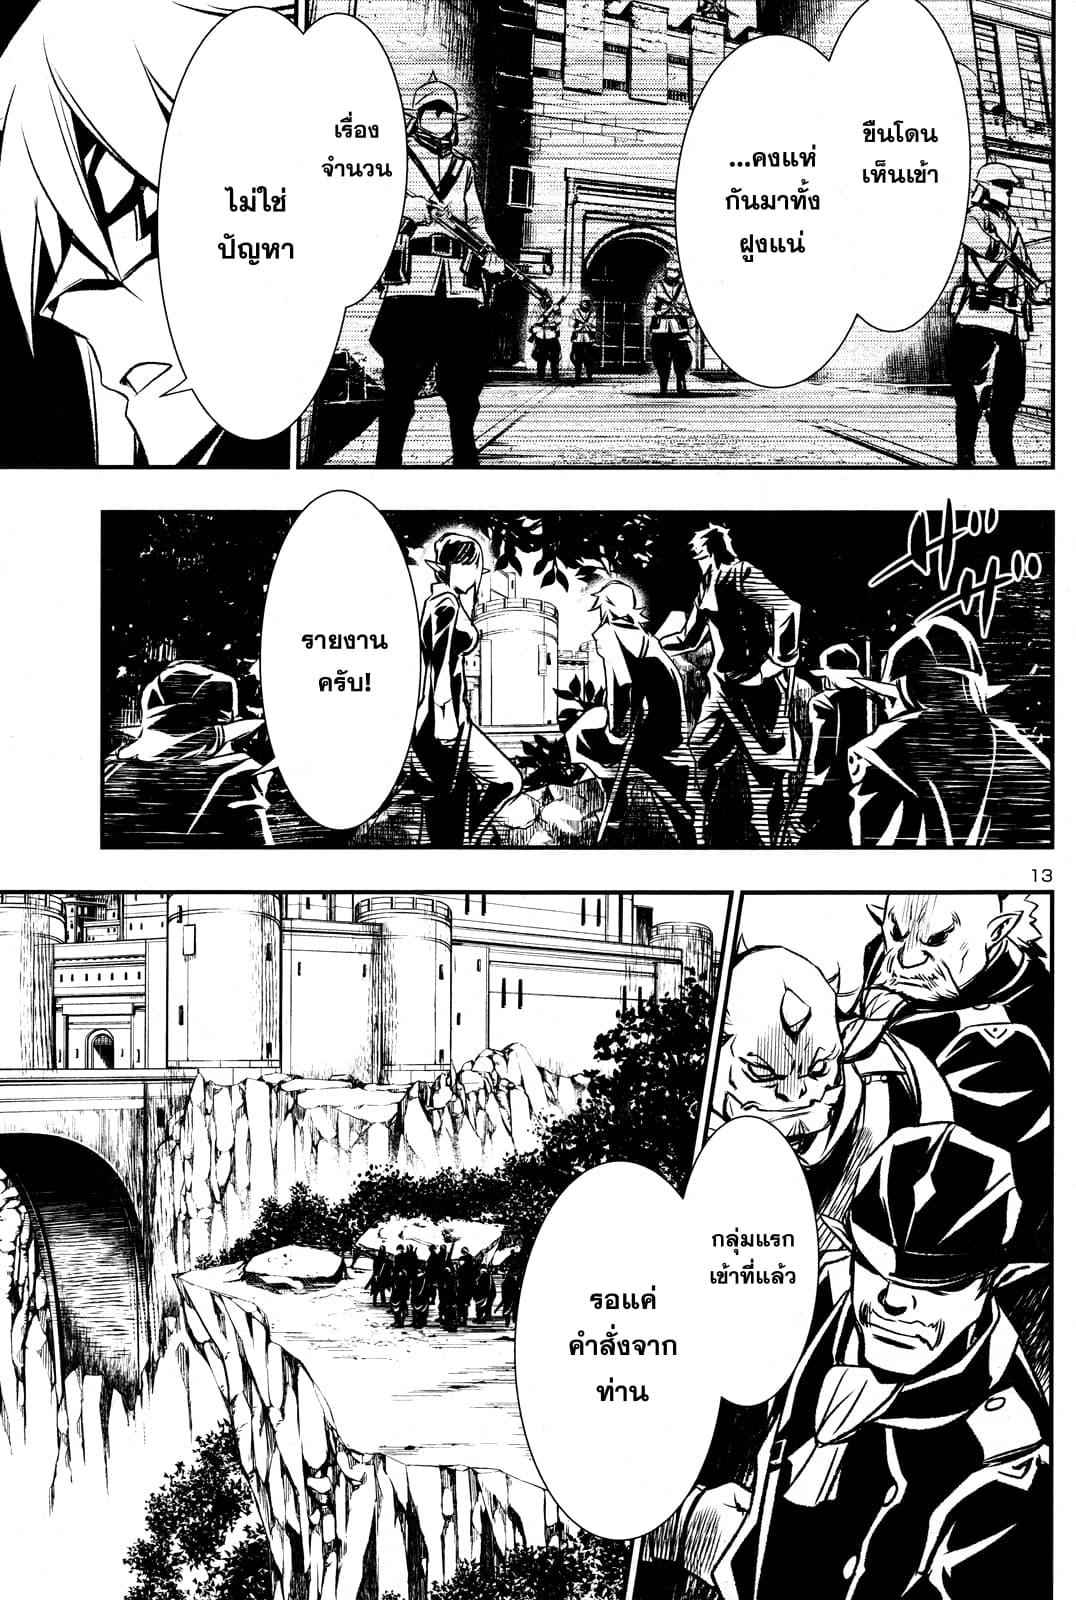 อ่านการ์ตูน Shinju no Nectar ตอนที่ 6 หน้าที่ 13